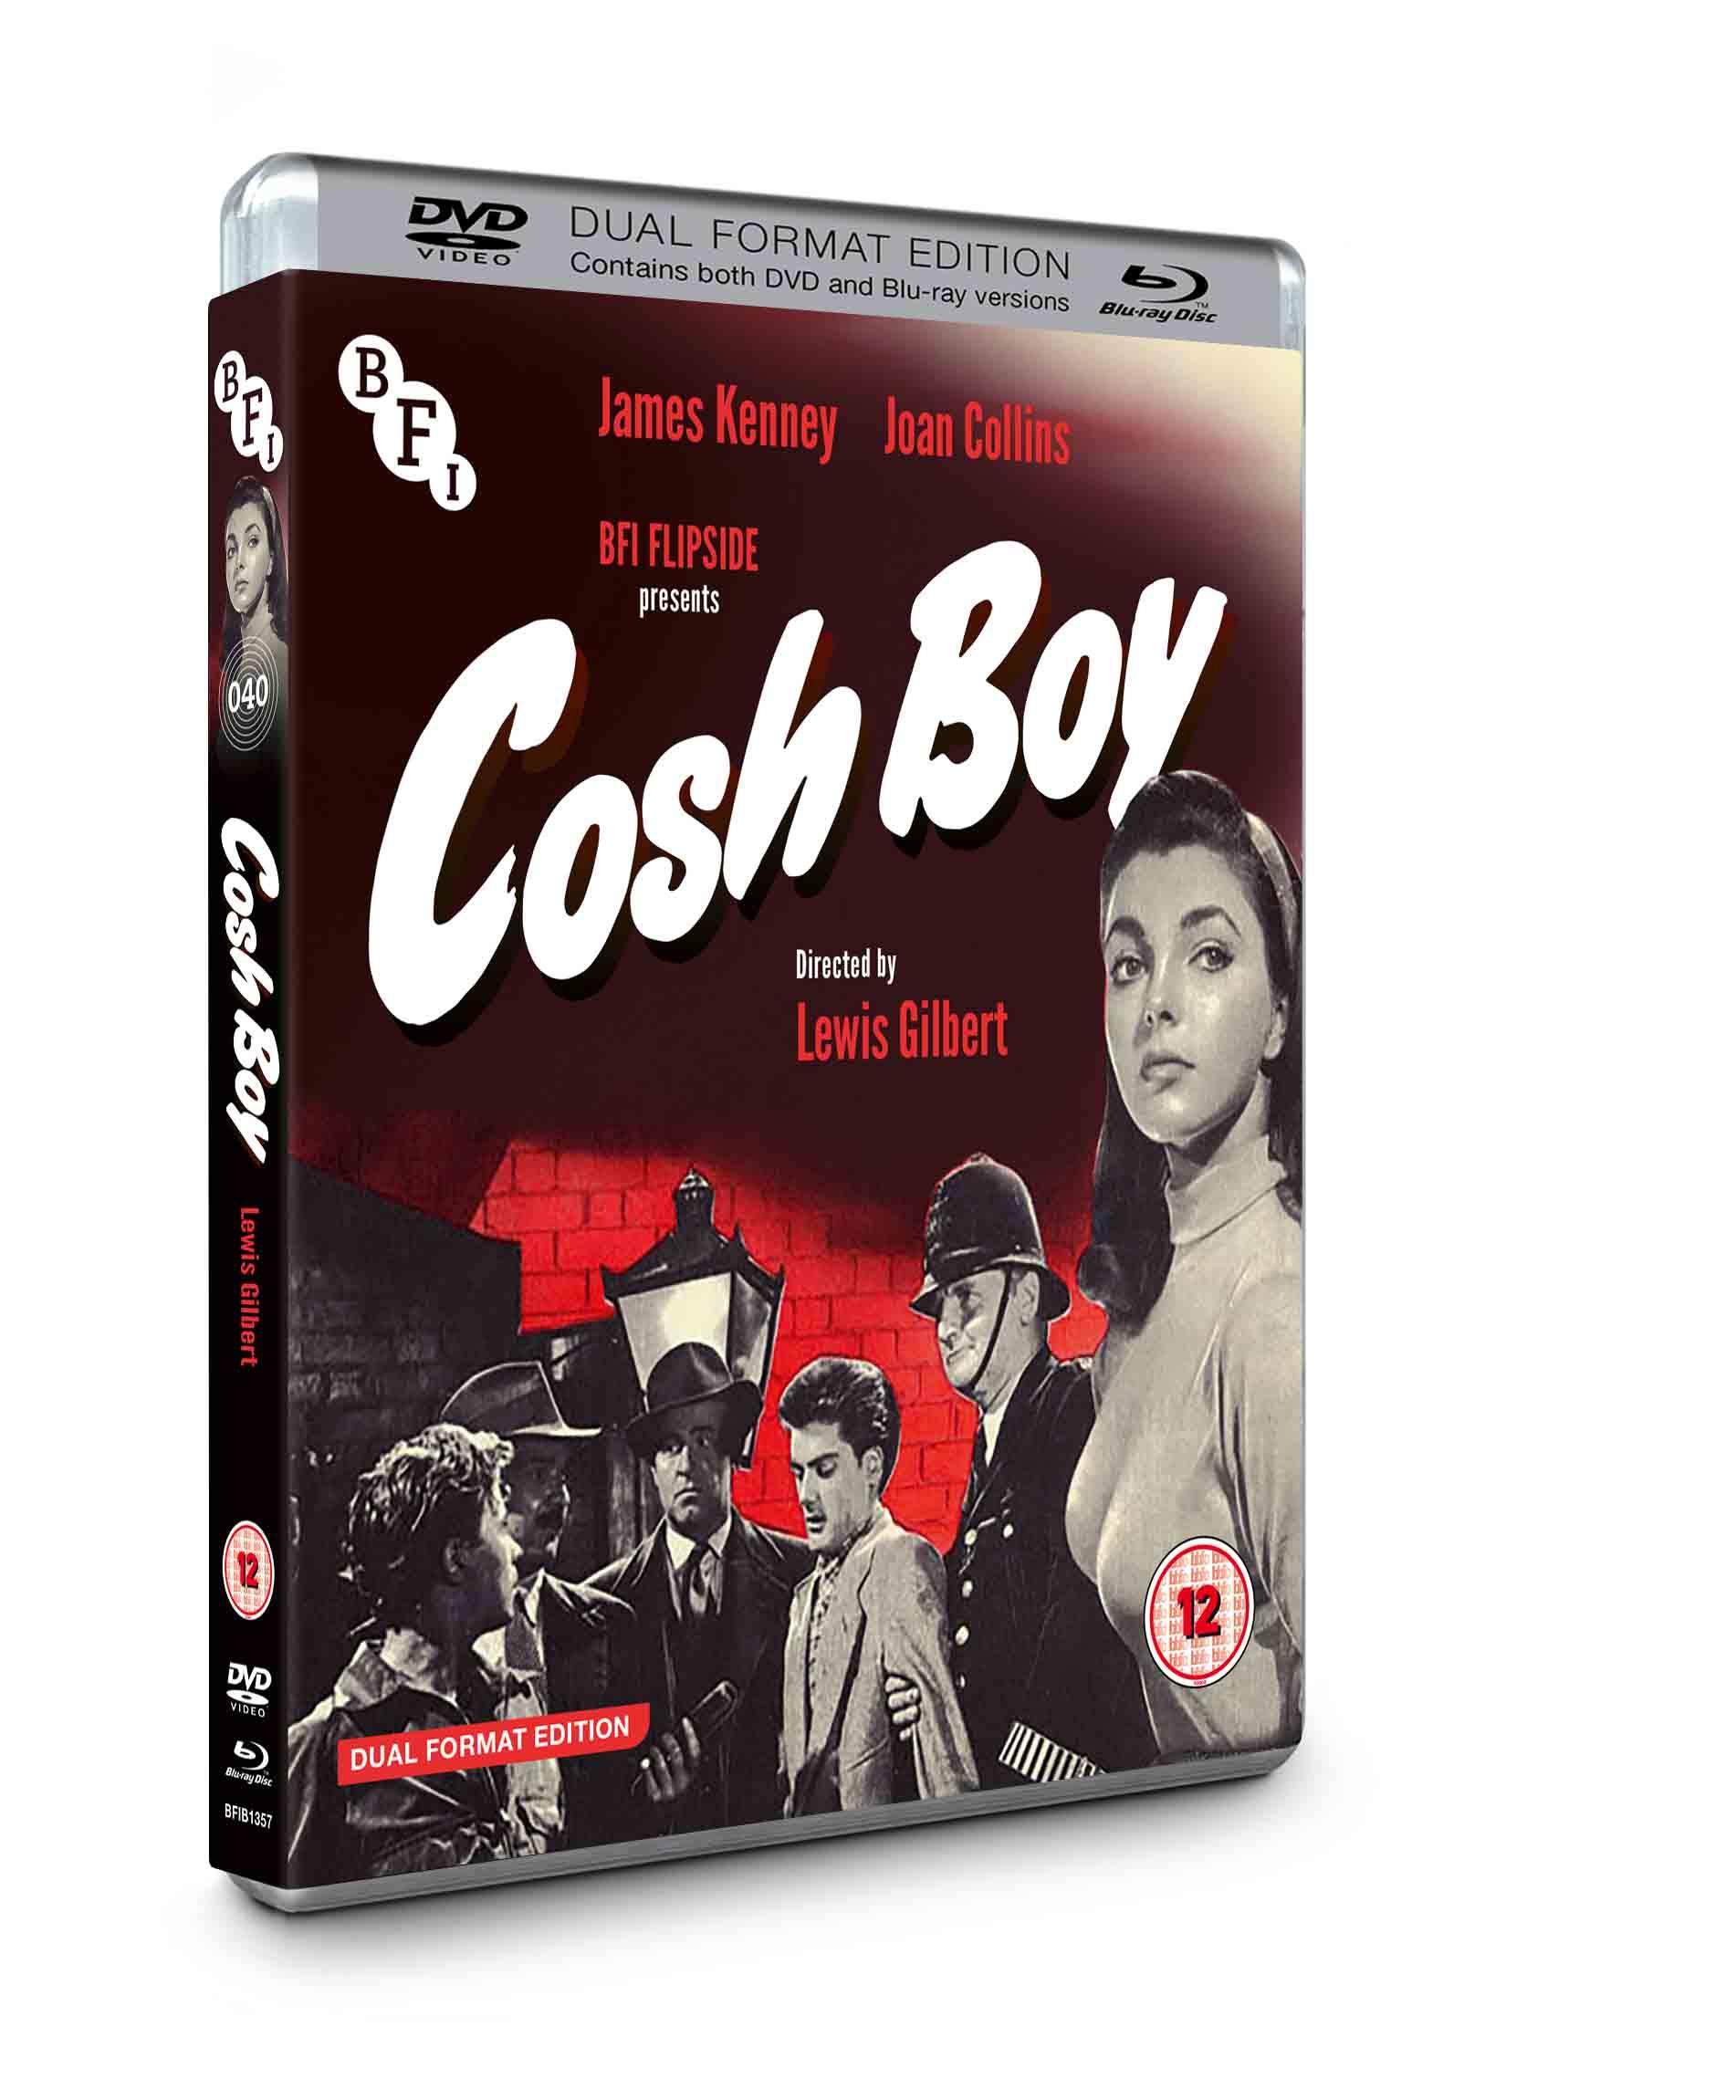 Buy PRE-ORDER Cosh Boy (Flipside 040) (Dual Format Edition)